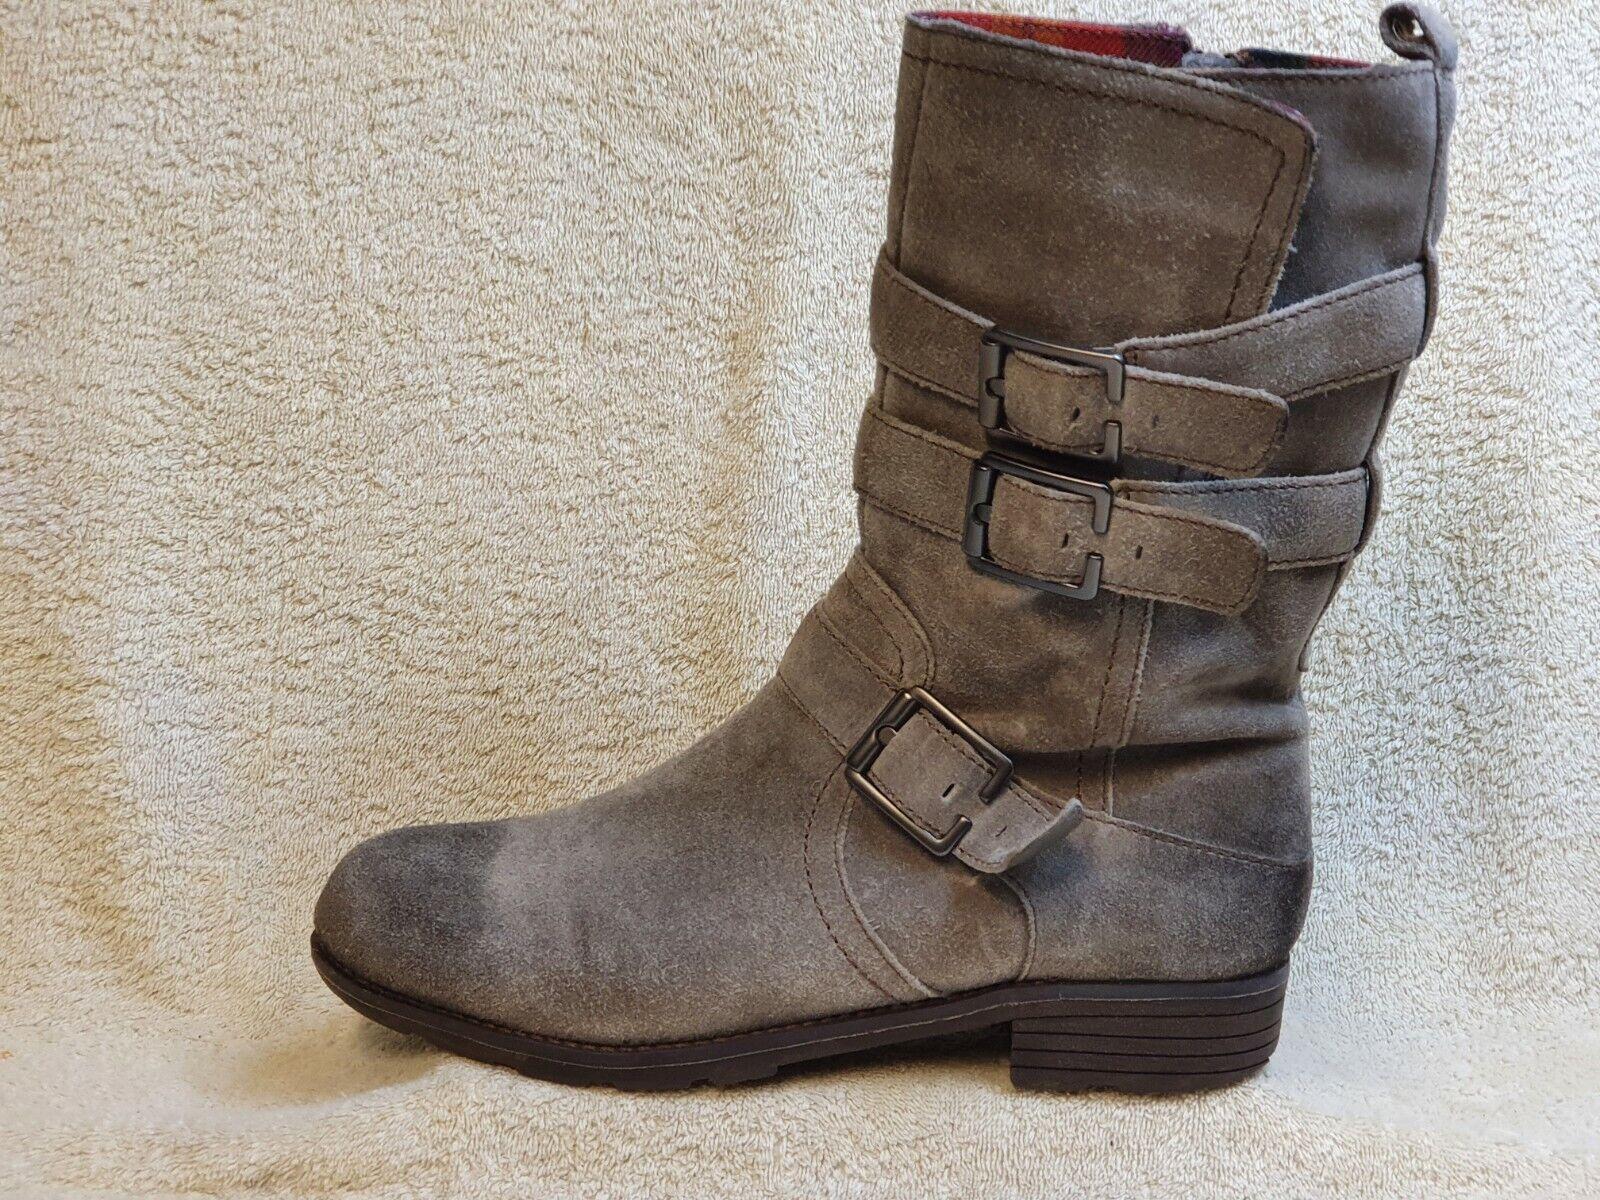 Clarks Plus mens Boots Suede Grey Zip UK 7.5 EUR 41.5